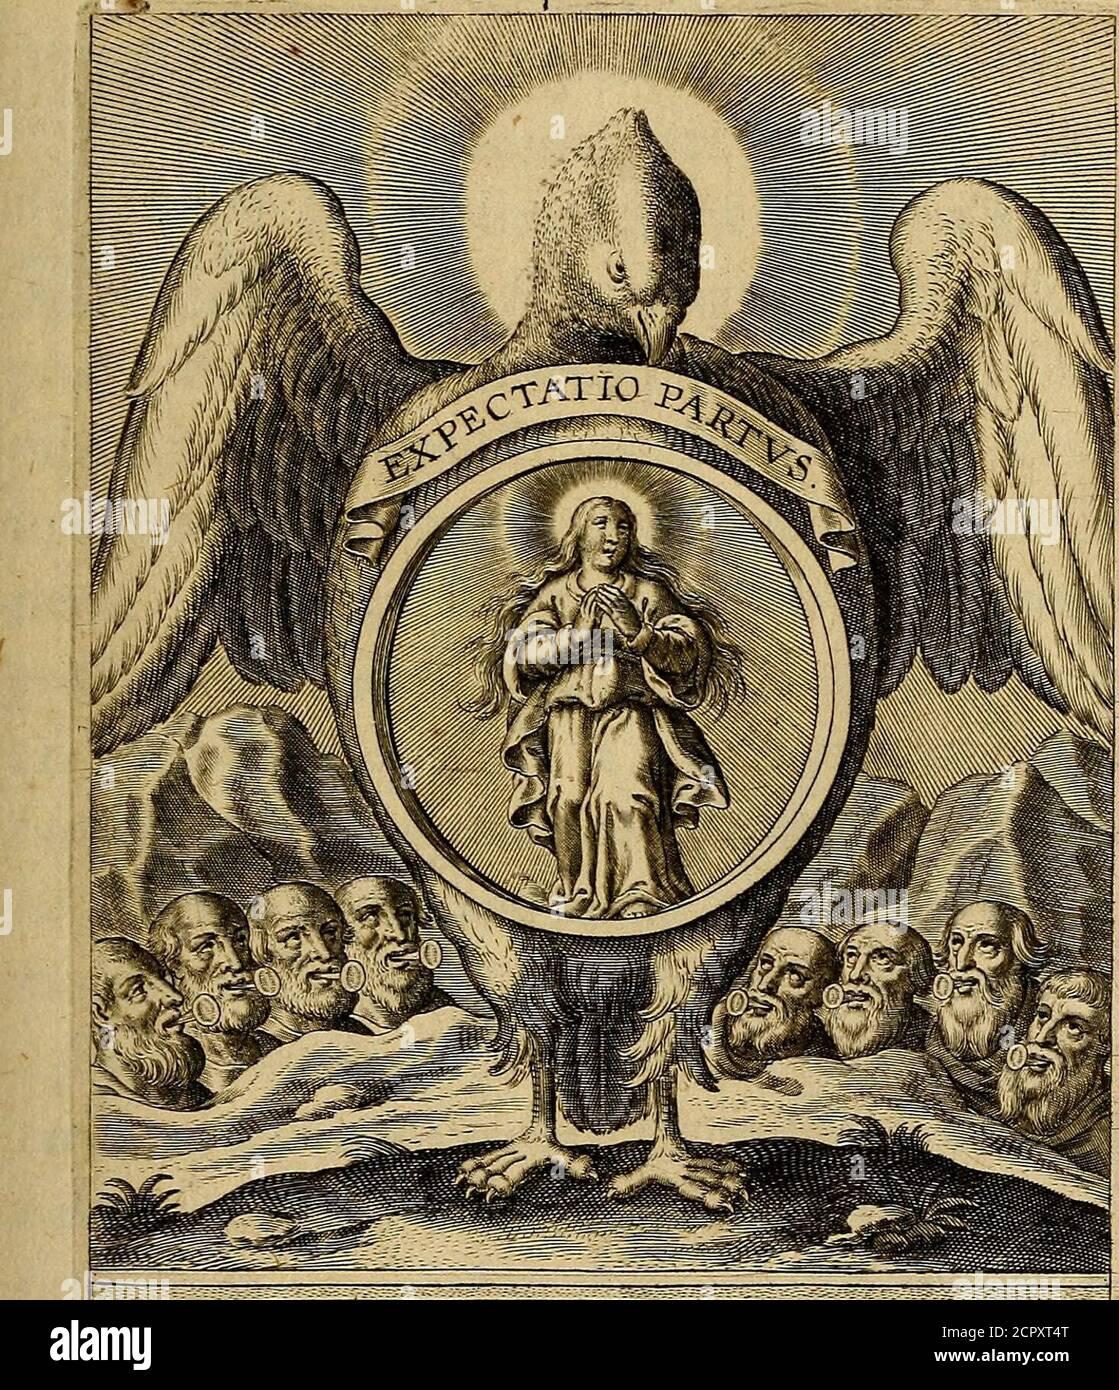 . Sacrum Oratorium piarum imainum Immaculatae Mariae et animae creatae ac baptismo, poenitentia, et eucharistia innouatae : ars noua Bene viuendi et moriendi, sacris piarum imagematis figurata & illustata . fanUorum VOFETARelecjoce manifafii, in omni loco dominorum P 3 Tri-* ILS SACRI ORATORII PARS I. tribue quxfumus fofulis tuis^ qui (efrvinearum apud te no-Mine cenfentur > & fegetum > cuius fa-cri Bastifmi virtute benedidta creatura floret, fre-<5tificat, & triumphat. Sancta Maria. Setzen Sie sich in Tabula Stockfoto